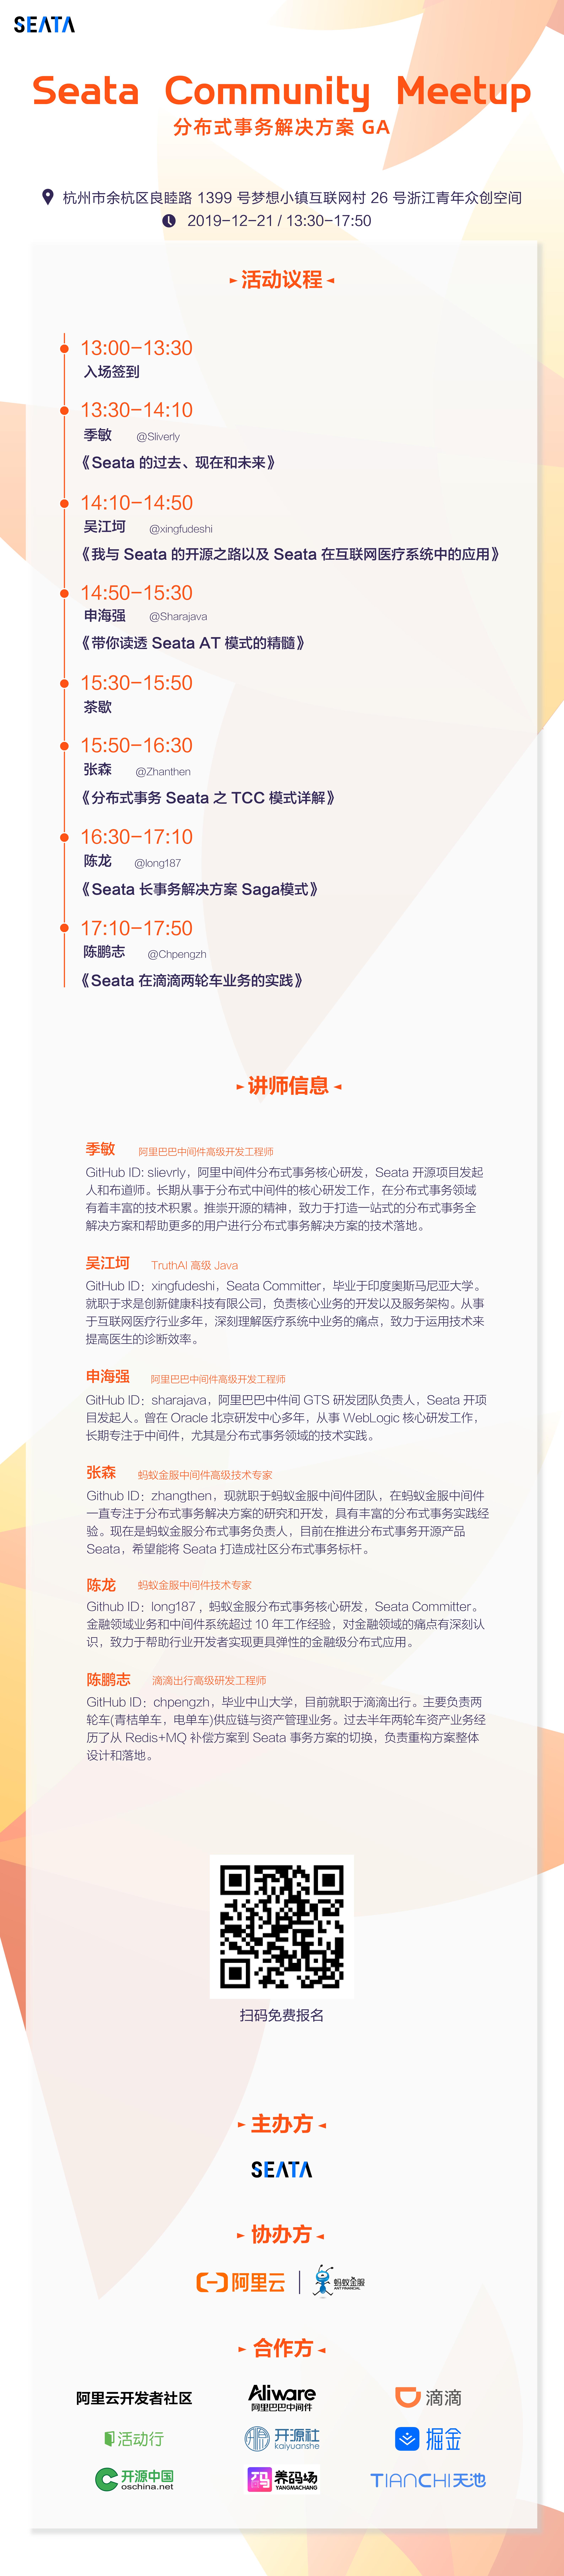 Seata GA Meetup 杭州站,报名啦!